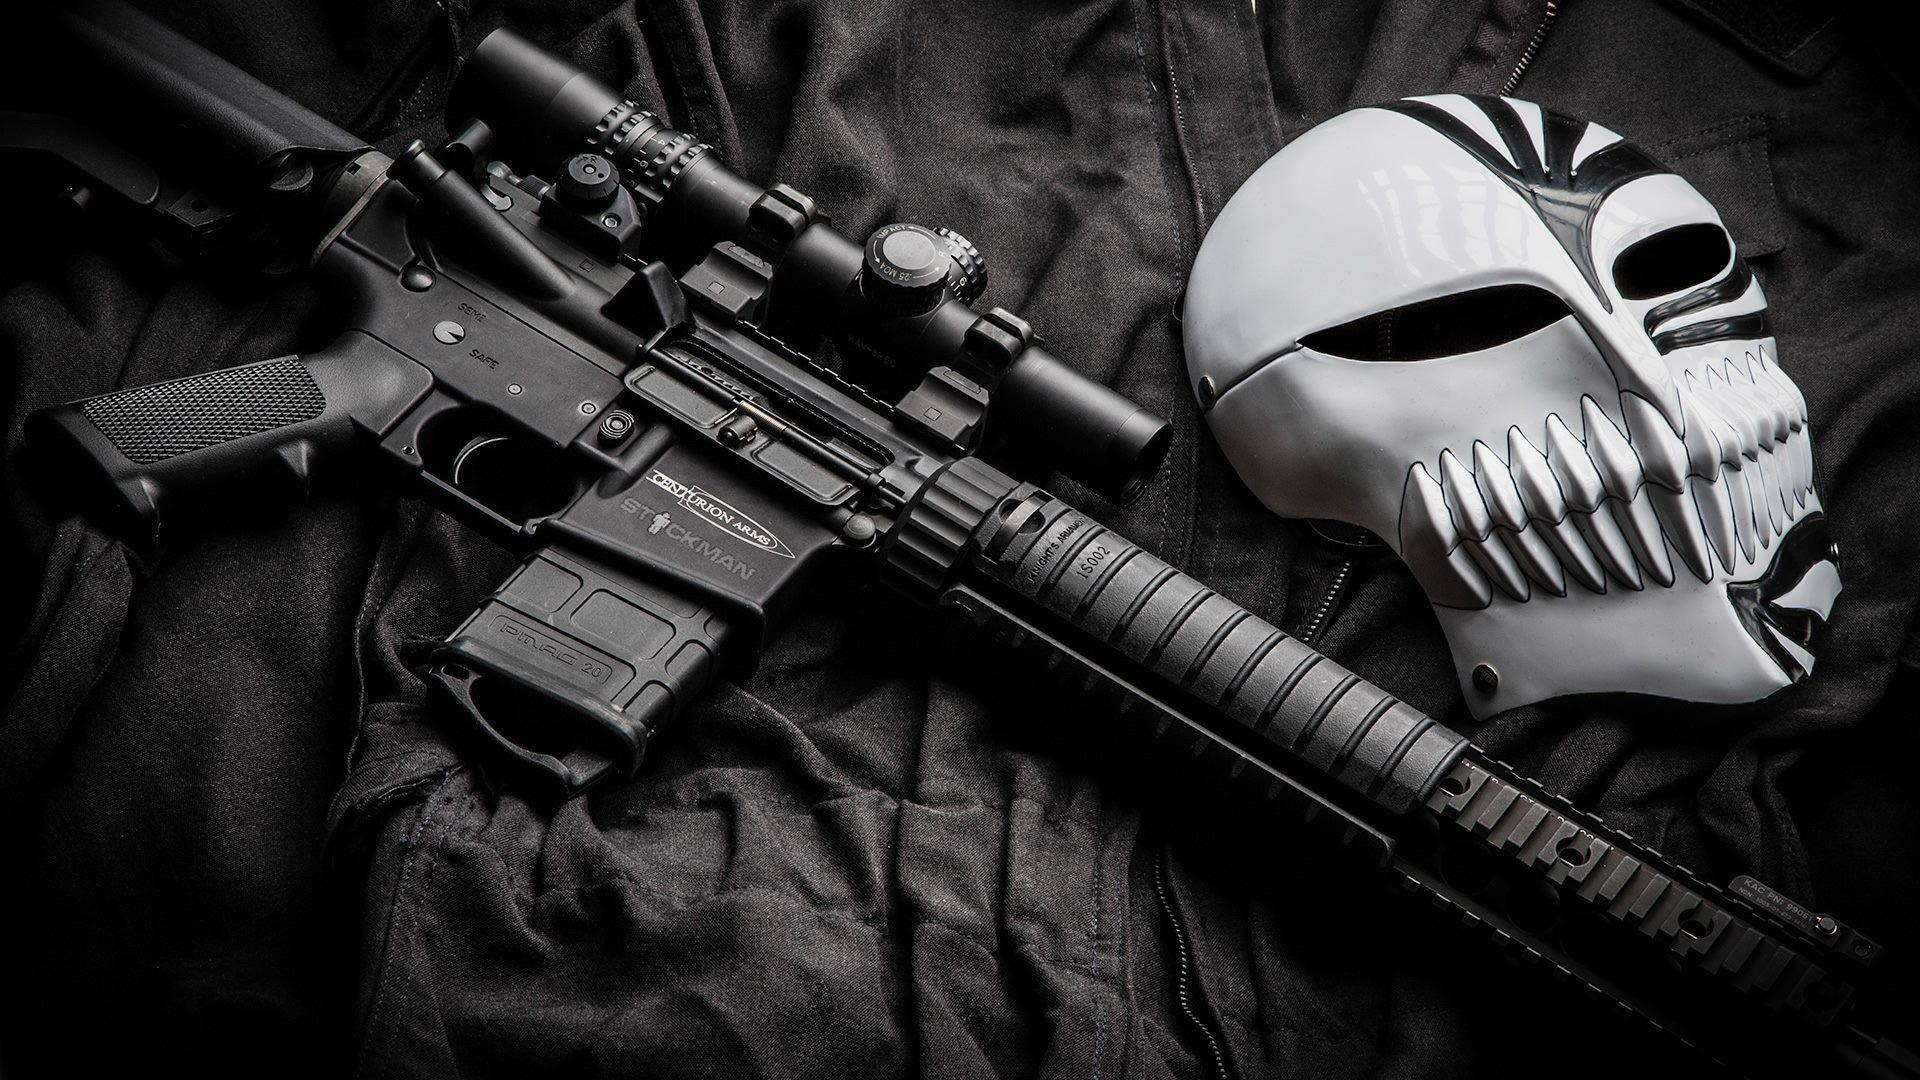 Самые крутые картинки в мире для пацанов с оружием